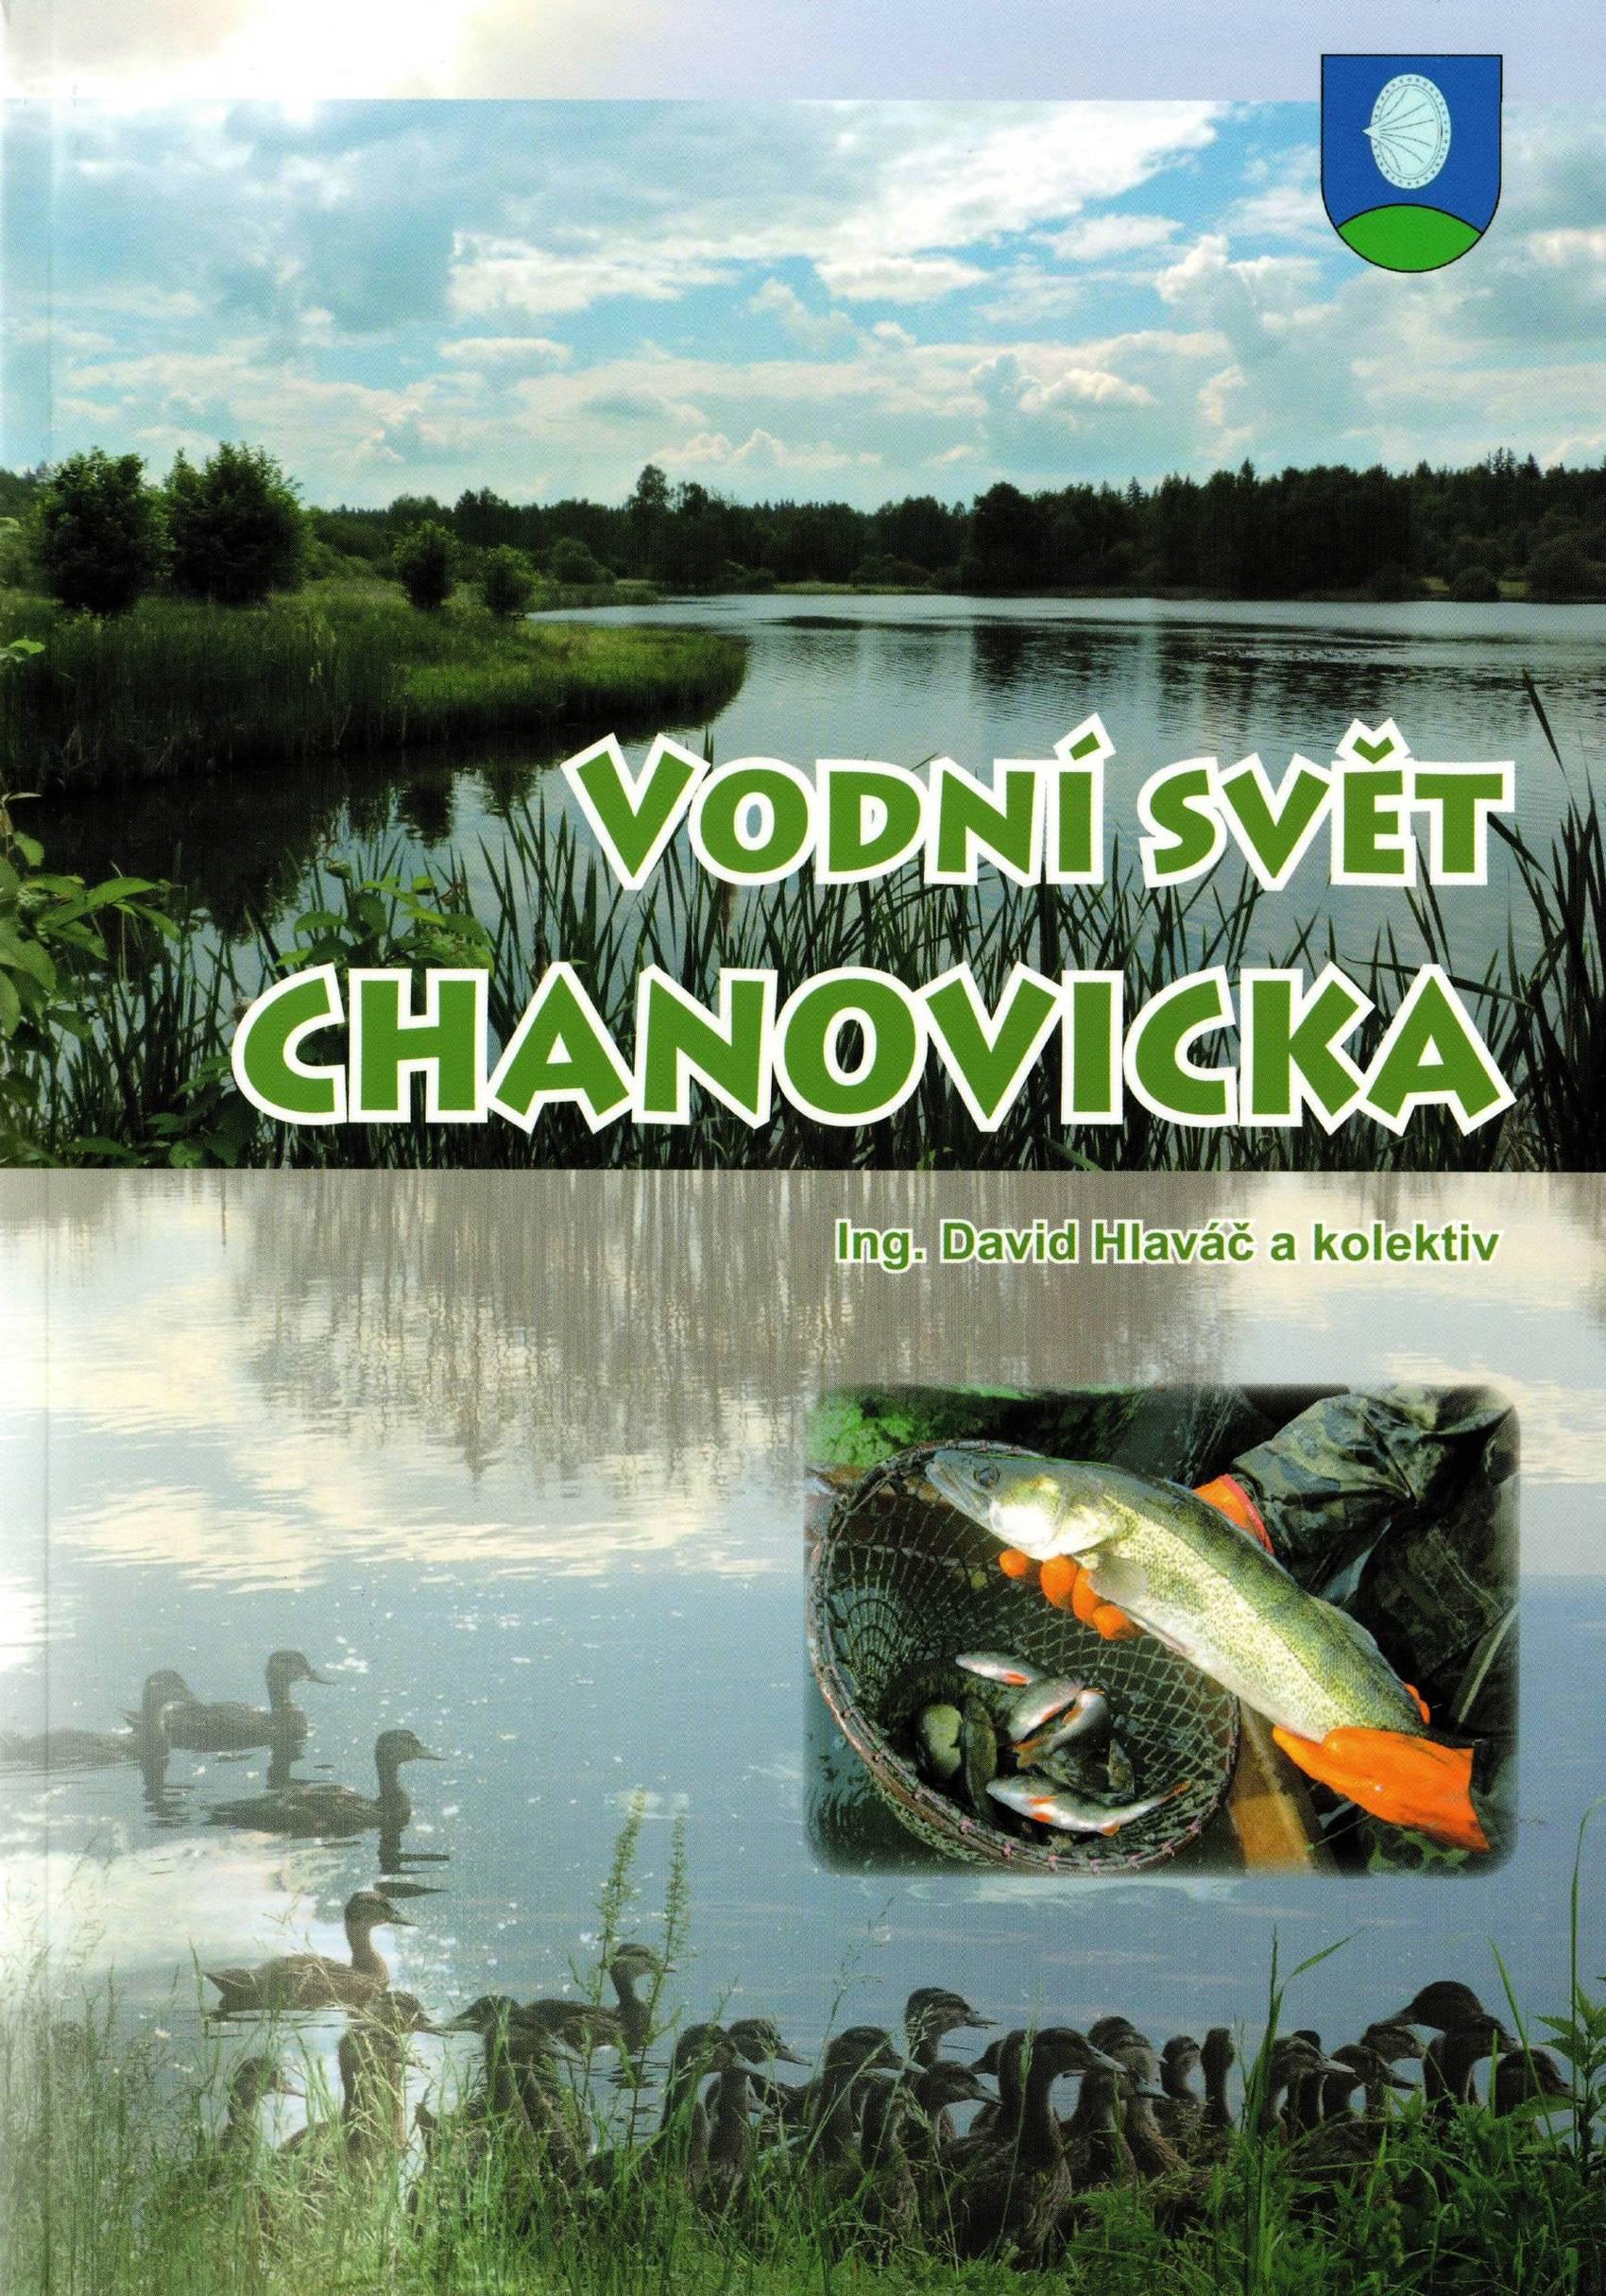 Vodní svět Chanovicka